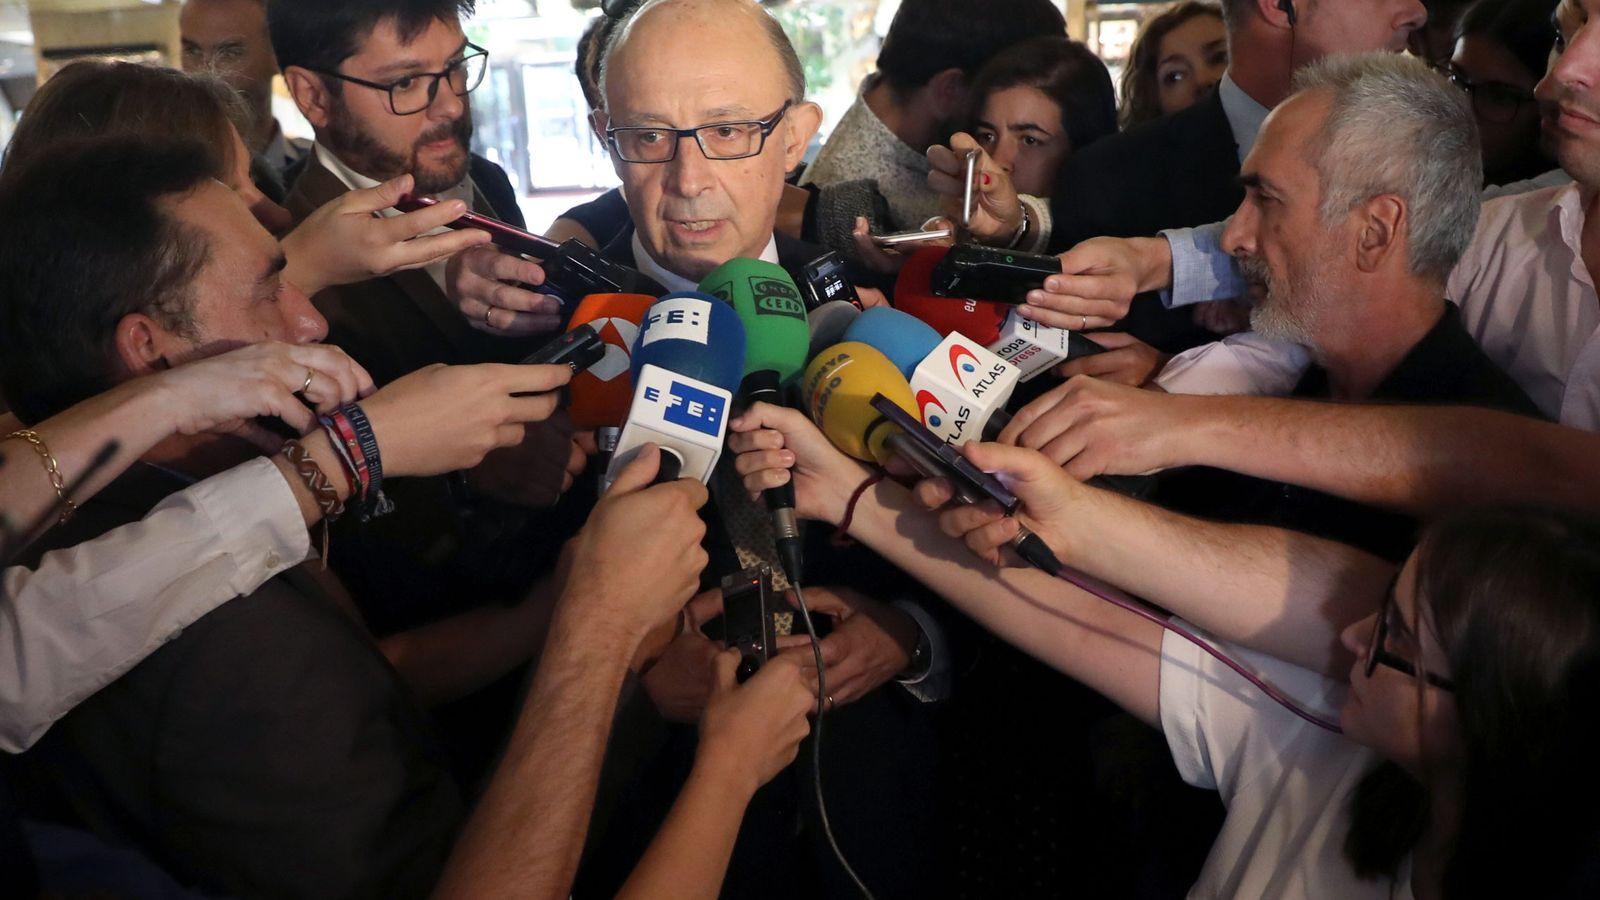 Foto: El ministro de Hacienda, Cristóbal Montoro, rodeado de periodistas en un acto en Madrid. (EFE)